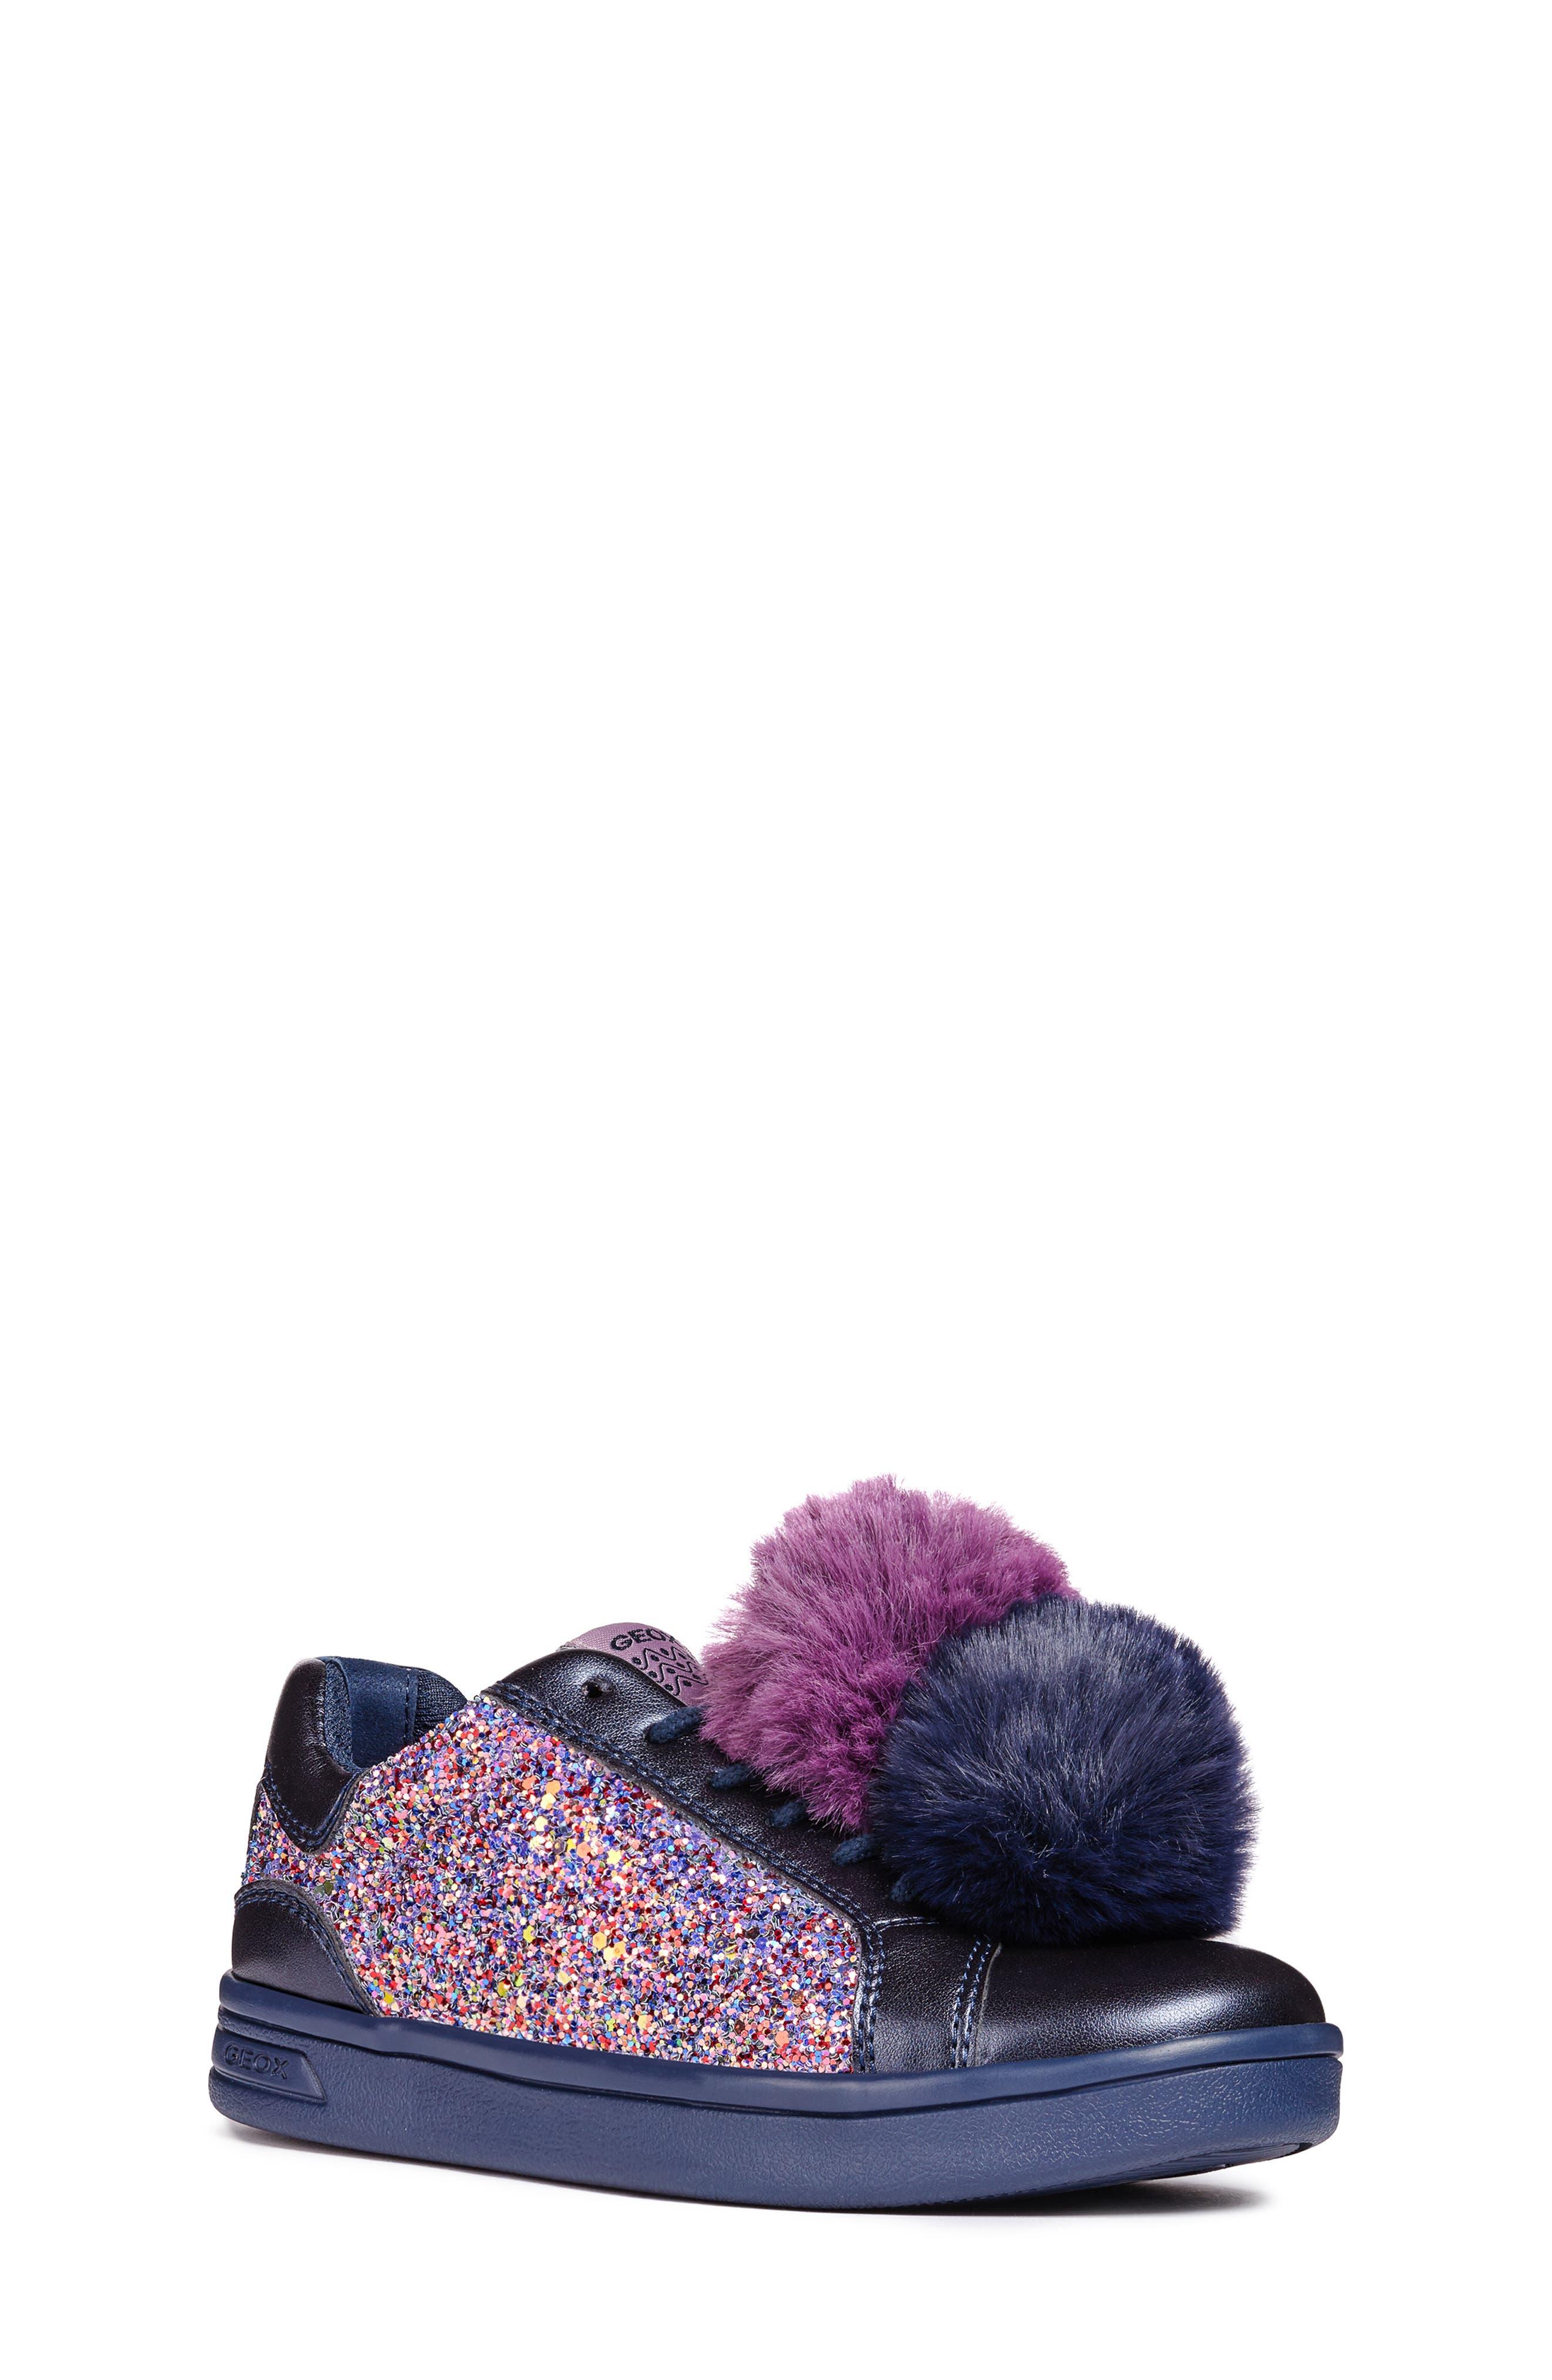 DJ Rock Glitter Pompom Sneaker,                             Main thumbnail 1, color,                             NAVY/LT PRUNE